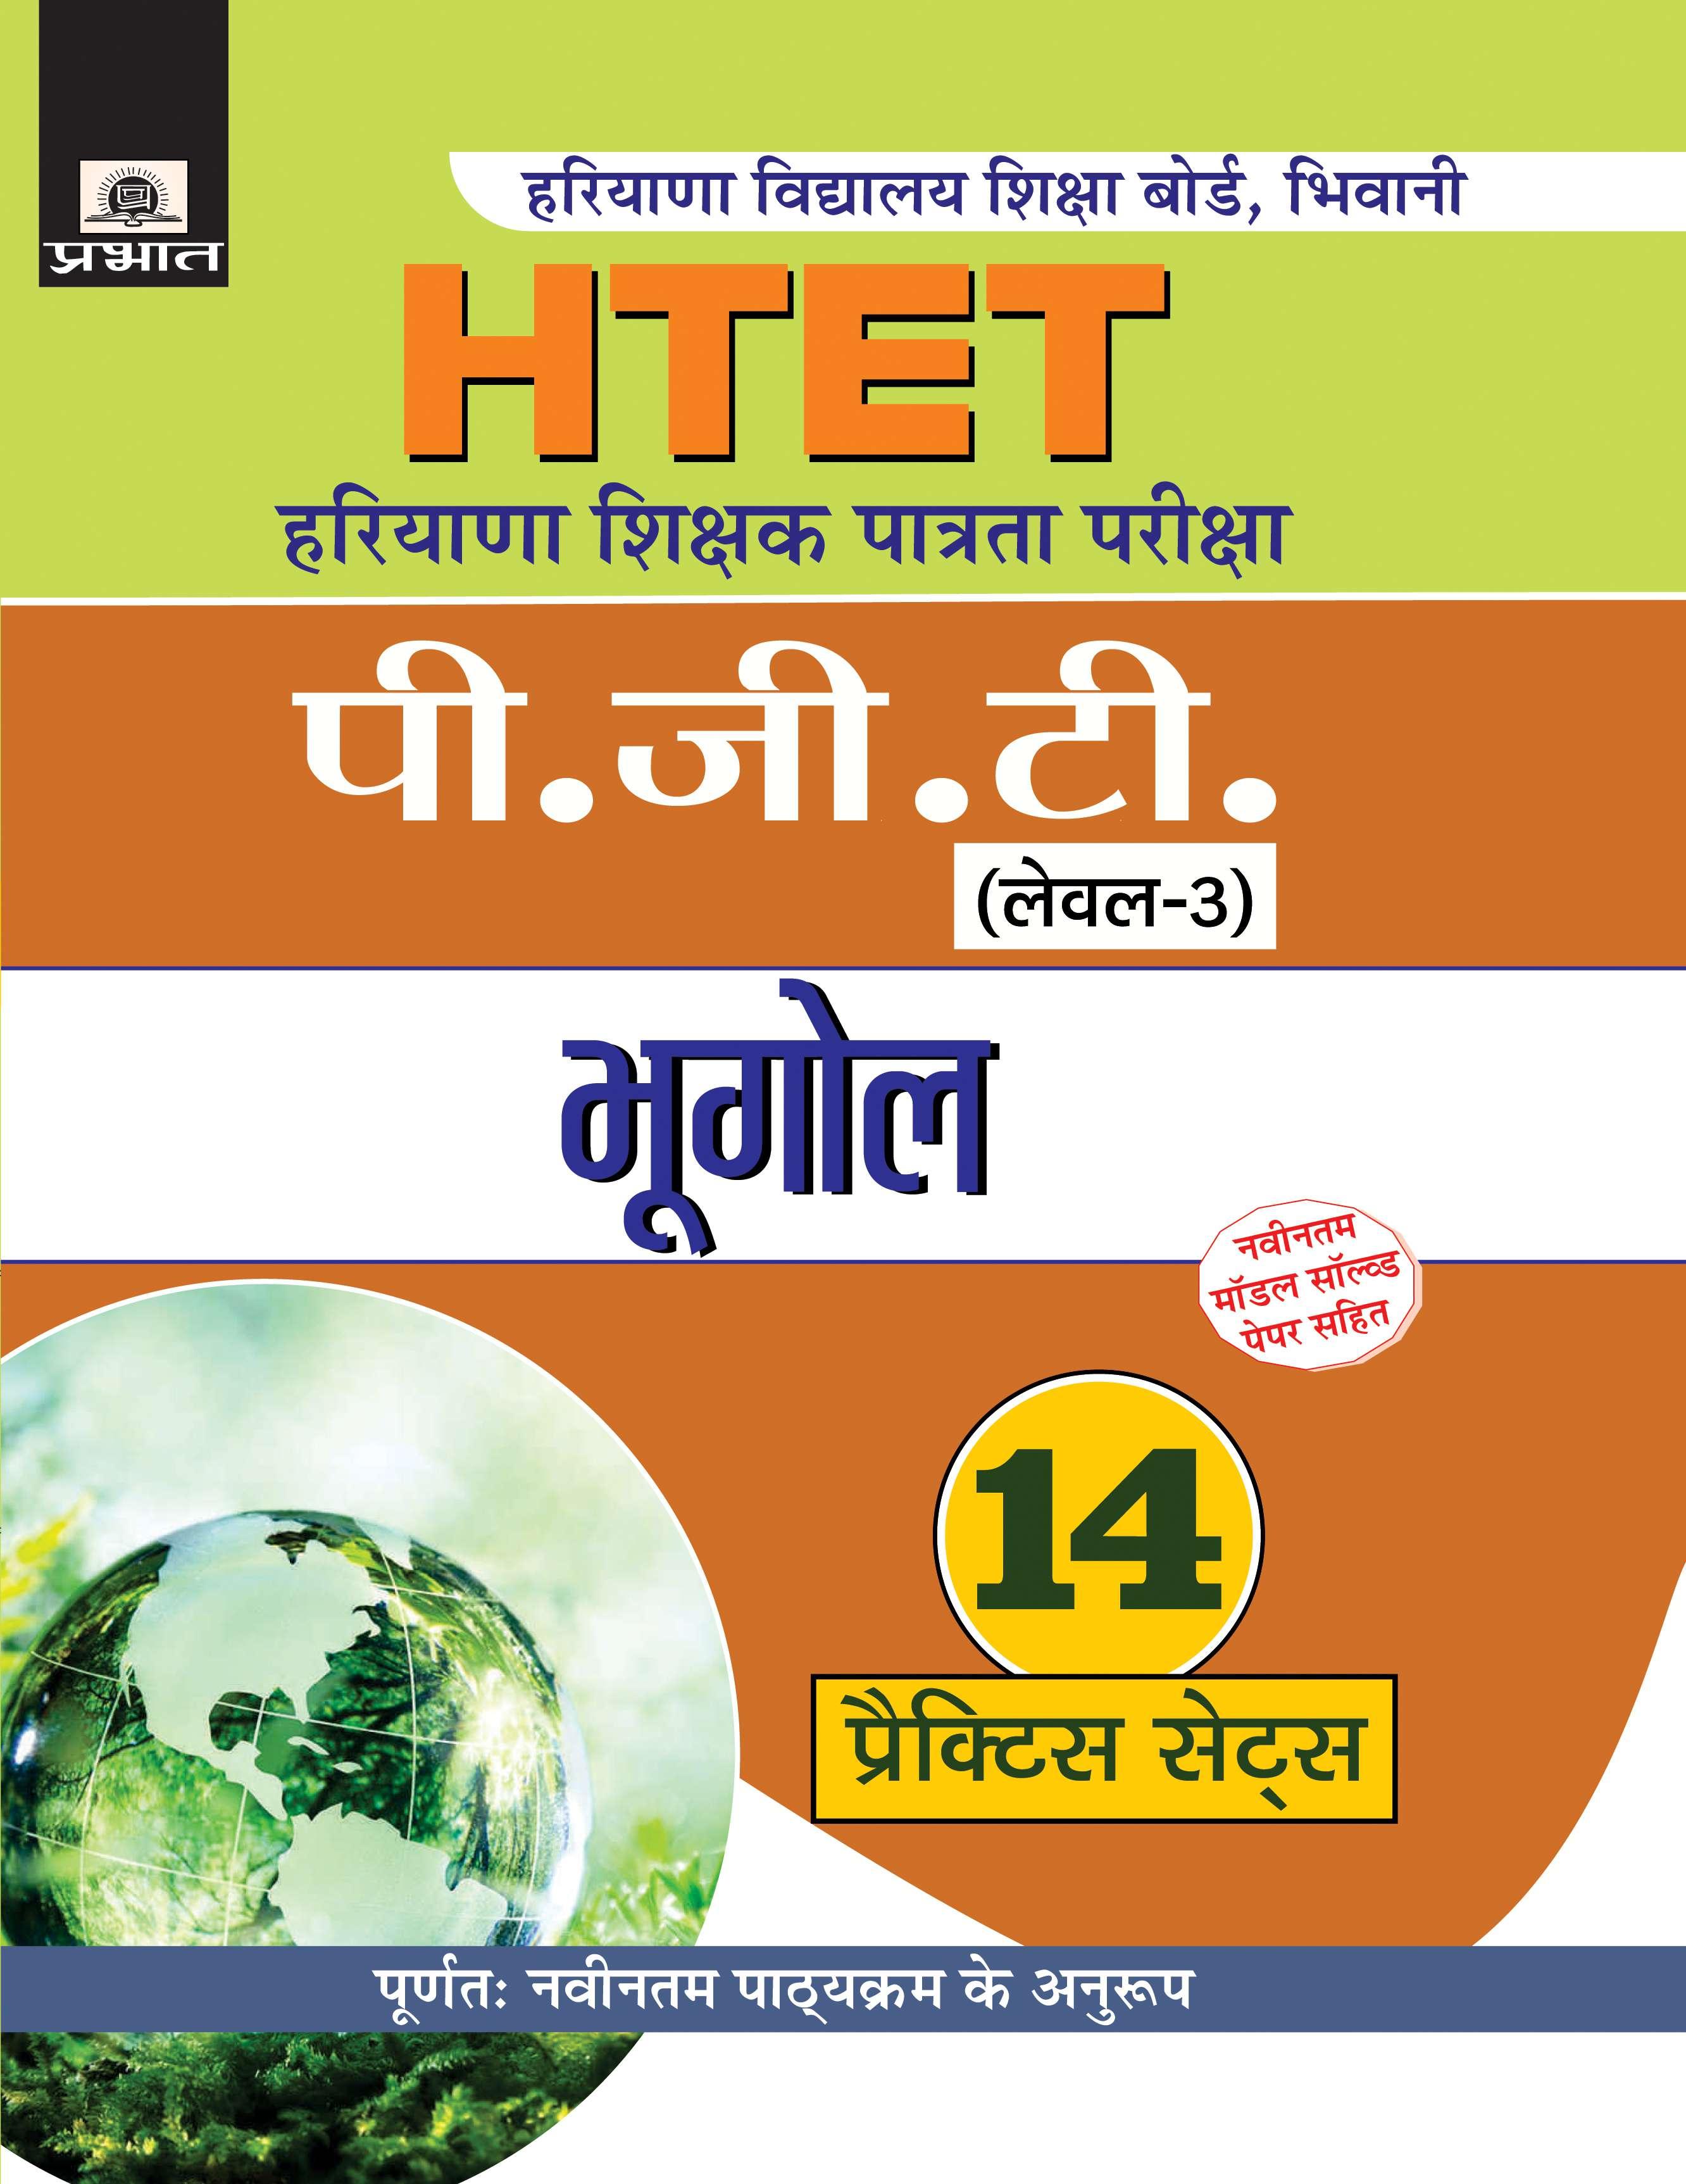 HARYANA SHIKSHAK PATRATA PARIKSHA PGT (LEVEL-3) BHUGOL (14 PRACTICE SETS)(PB)